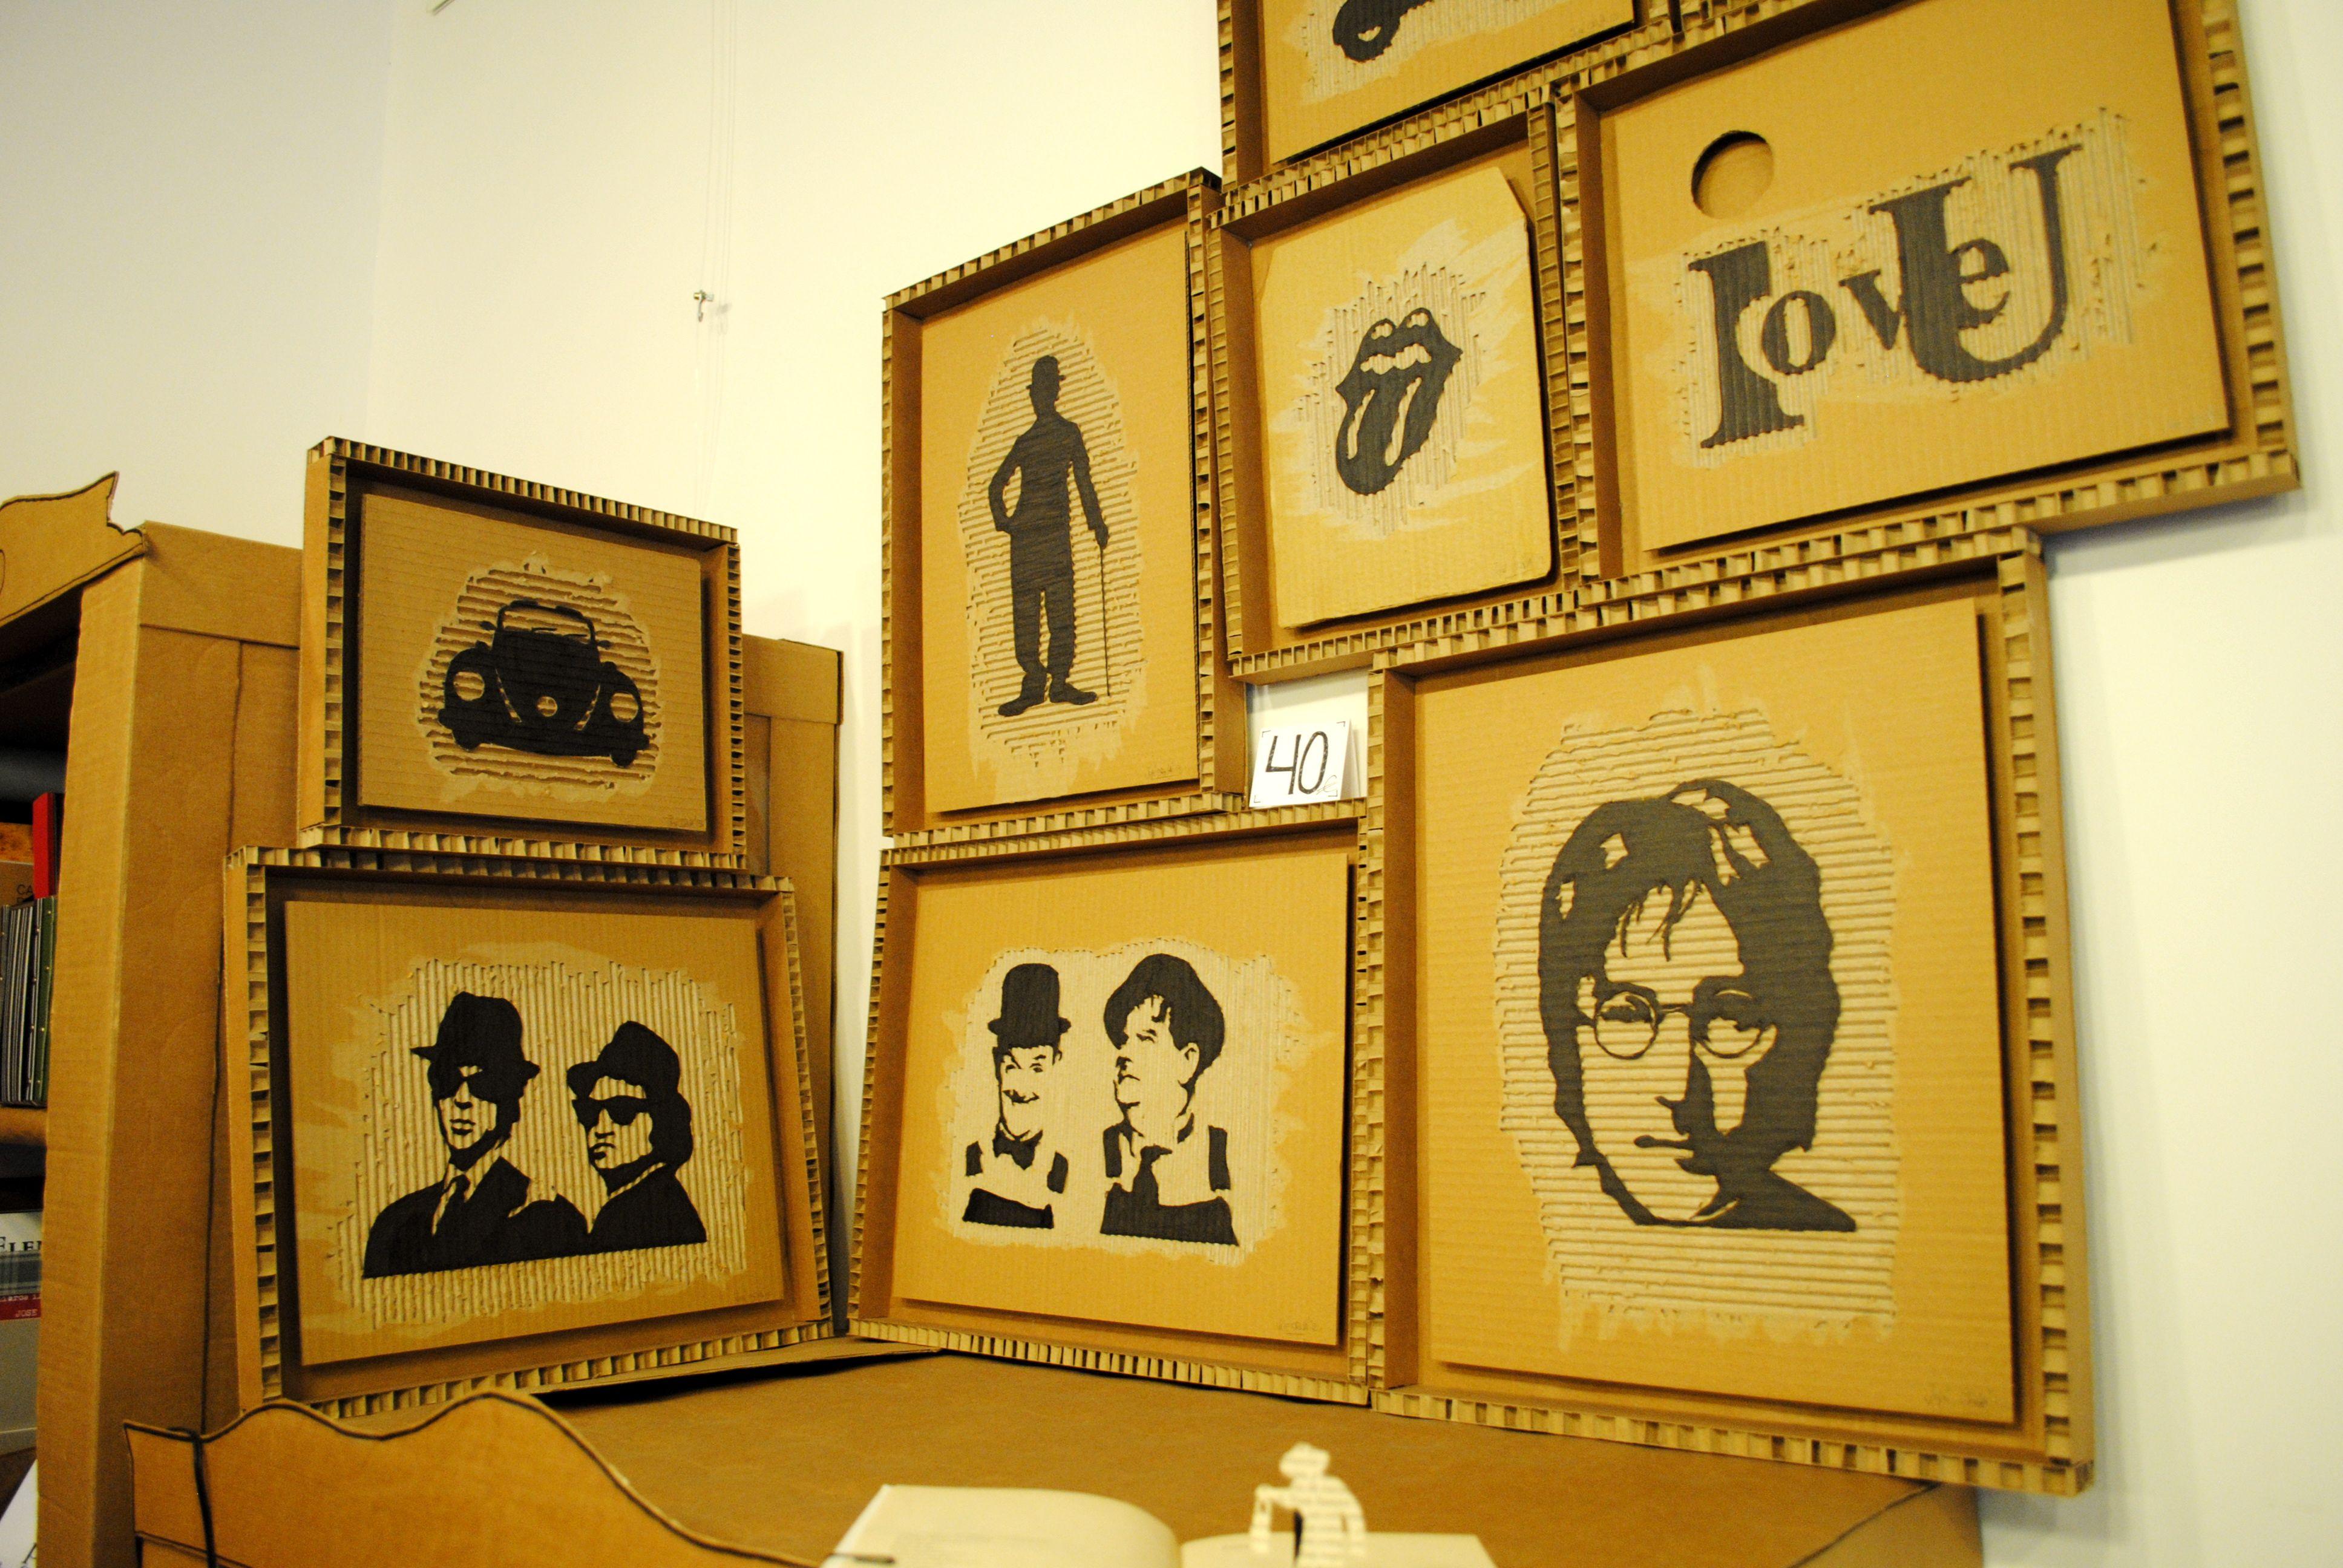 Imágenes sacadas vaciando el cartón corrugado y pintadas después ...